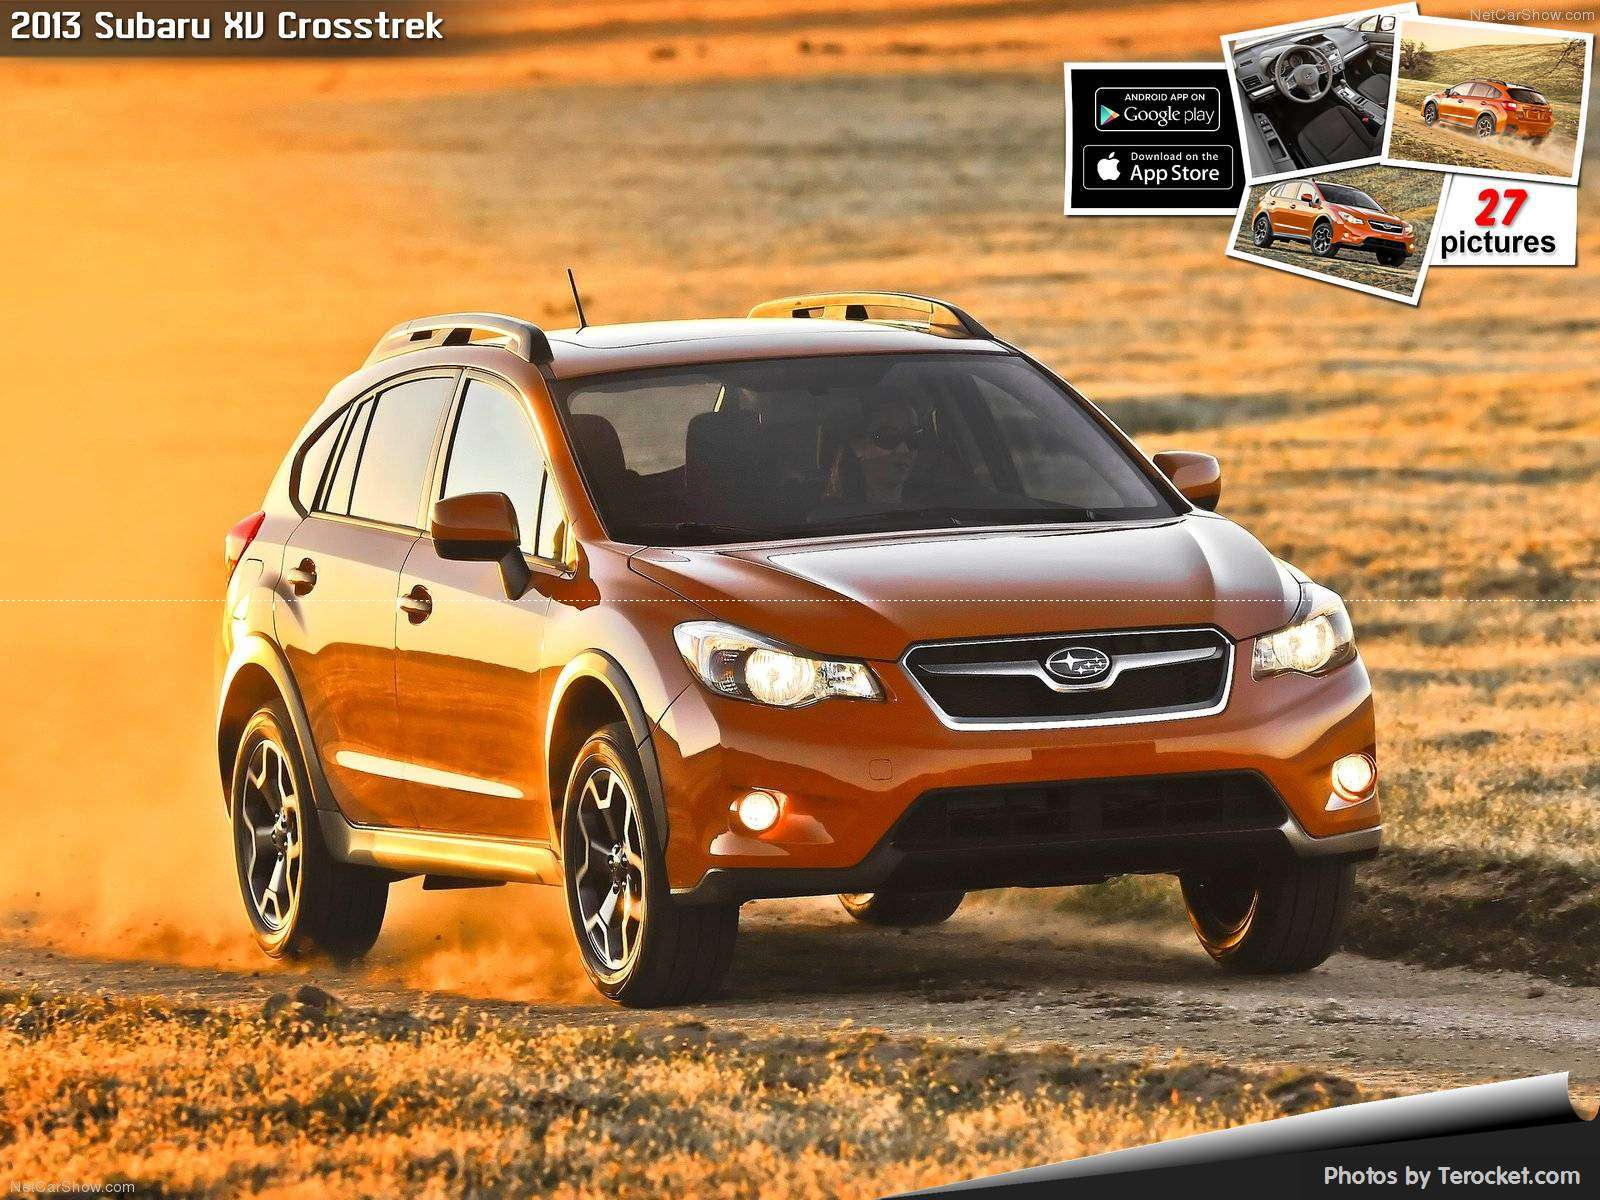 Hình ảnh xe ô tô Subaru XV Crosstrek 2013 & nội ngoại thất